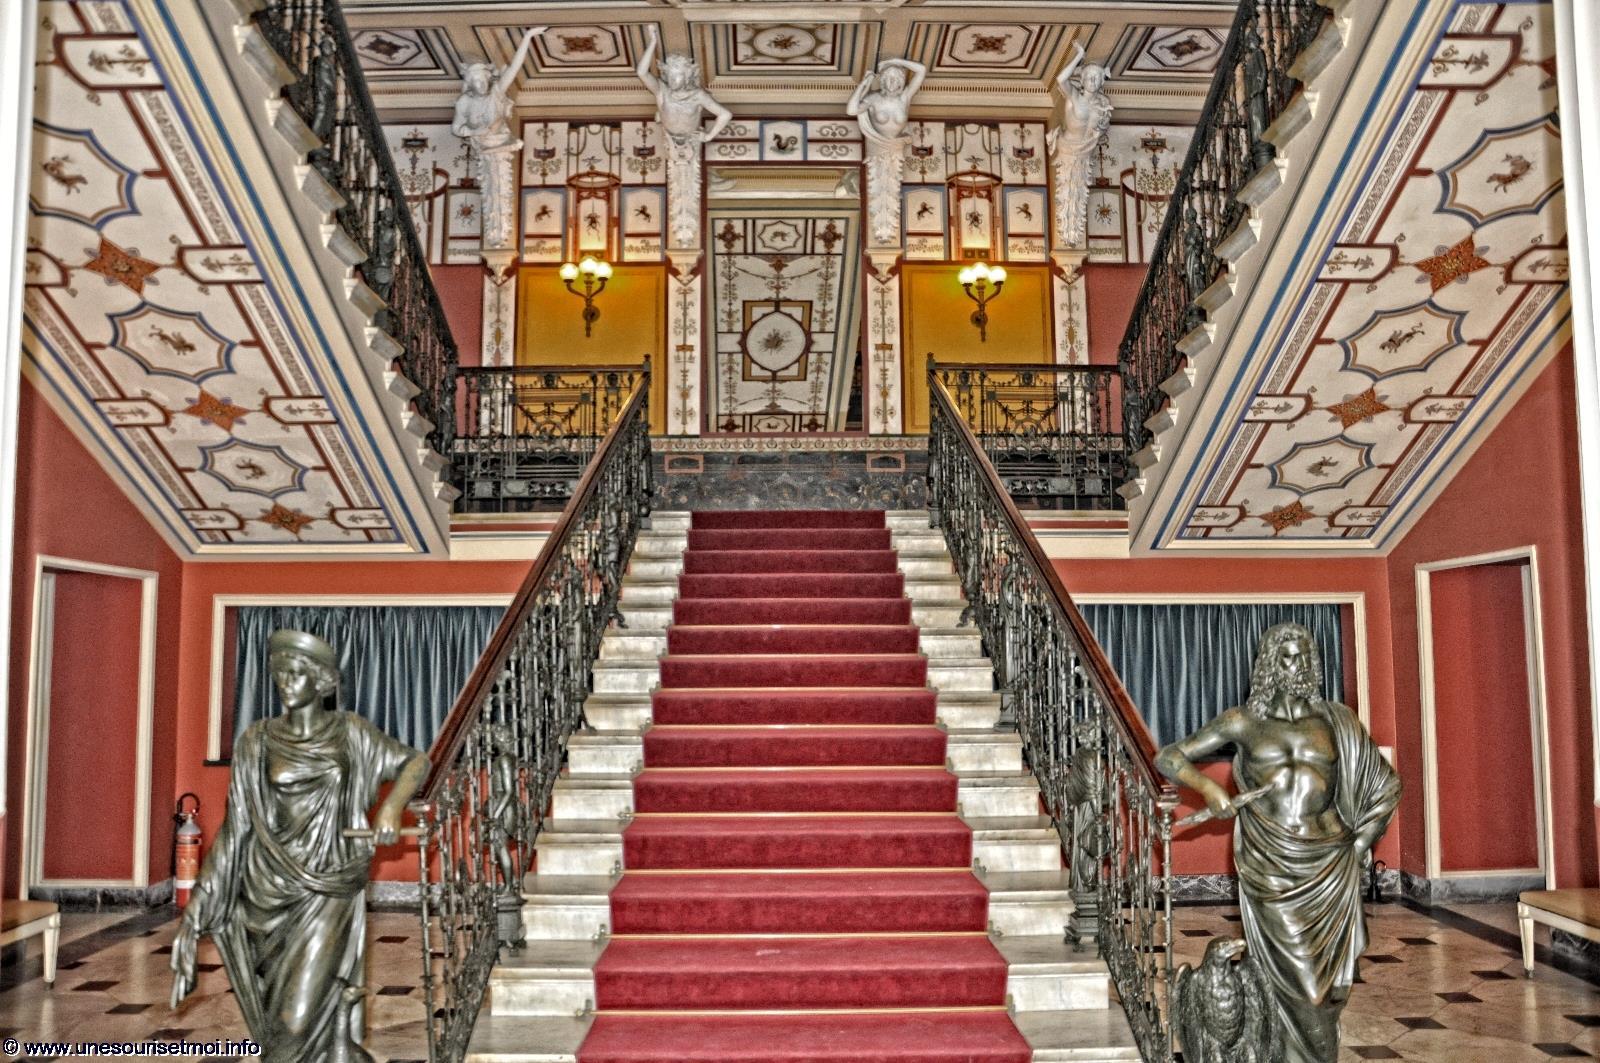 escalier-entree_HDR_palais-achilleion_sissi-imperatrice_visite-de-corfou_04